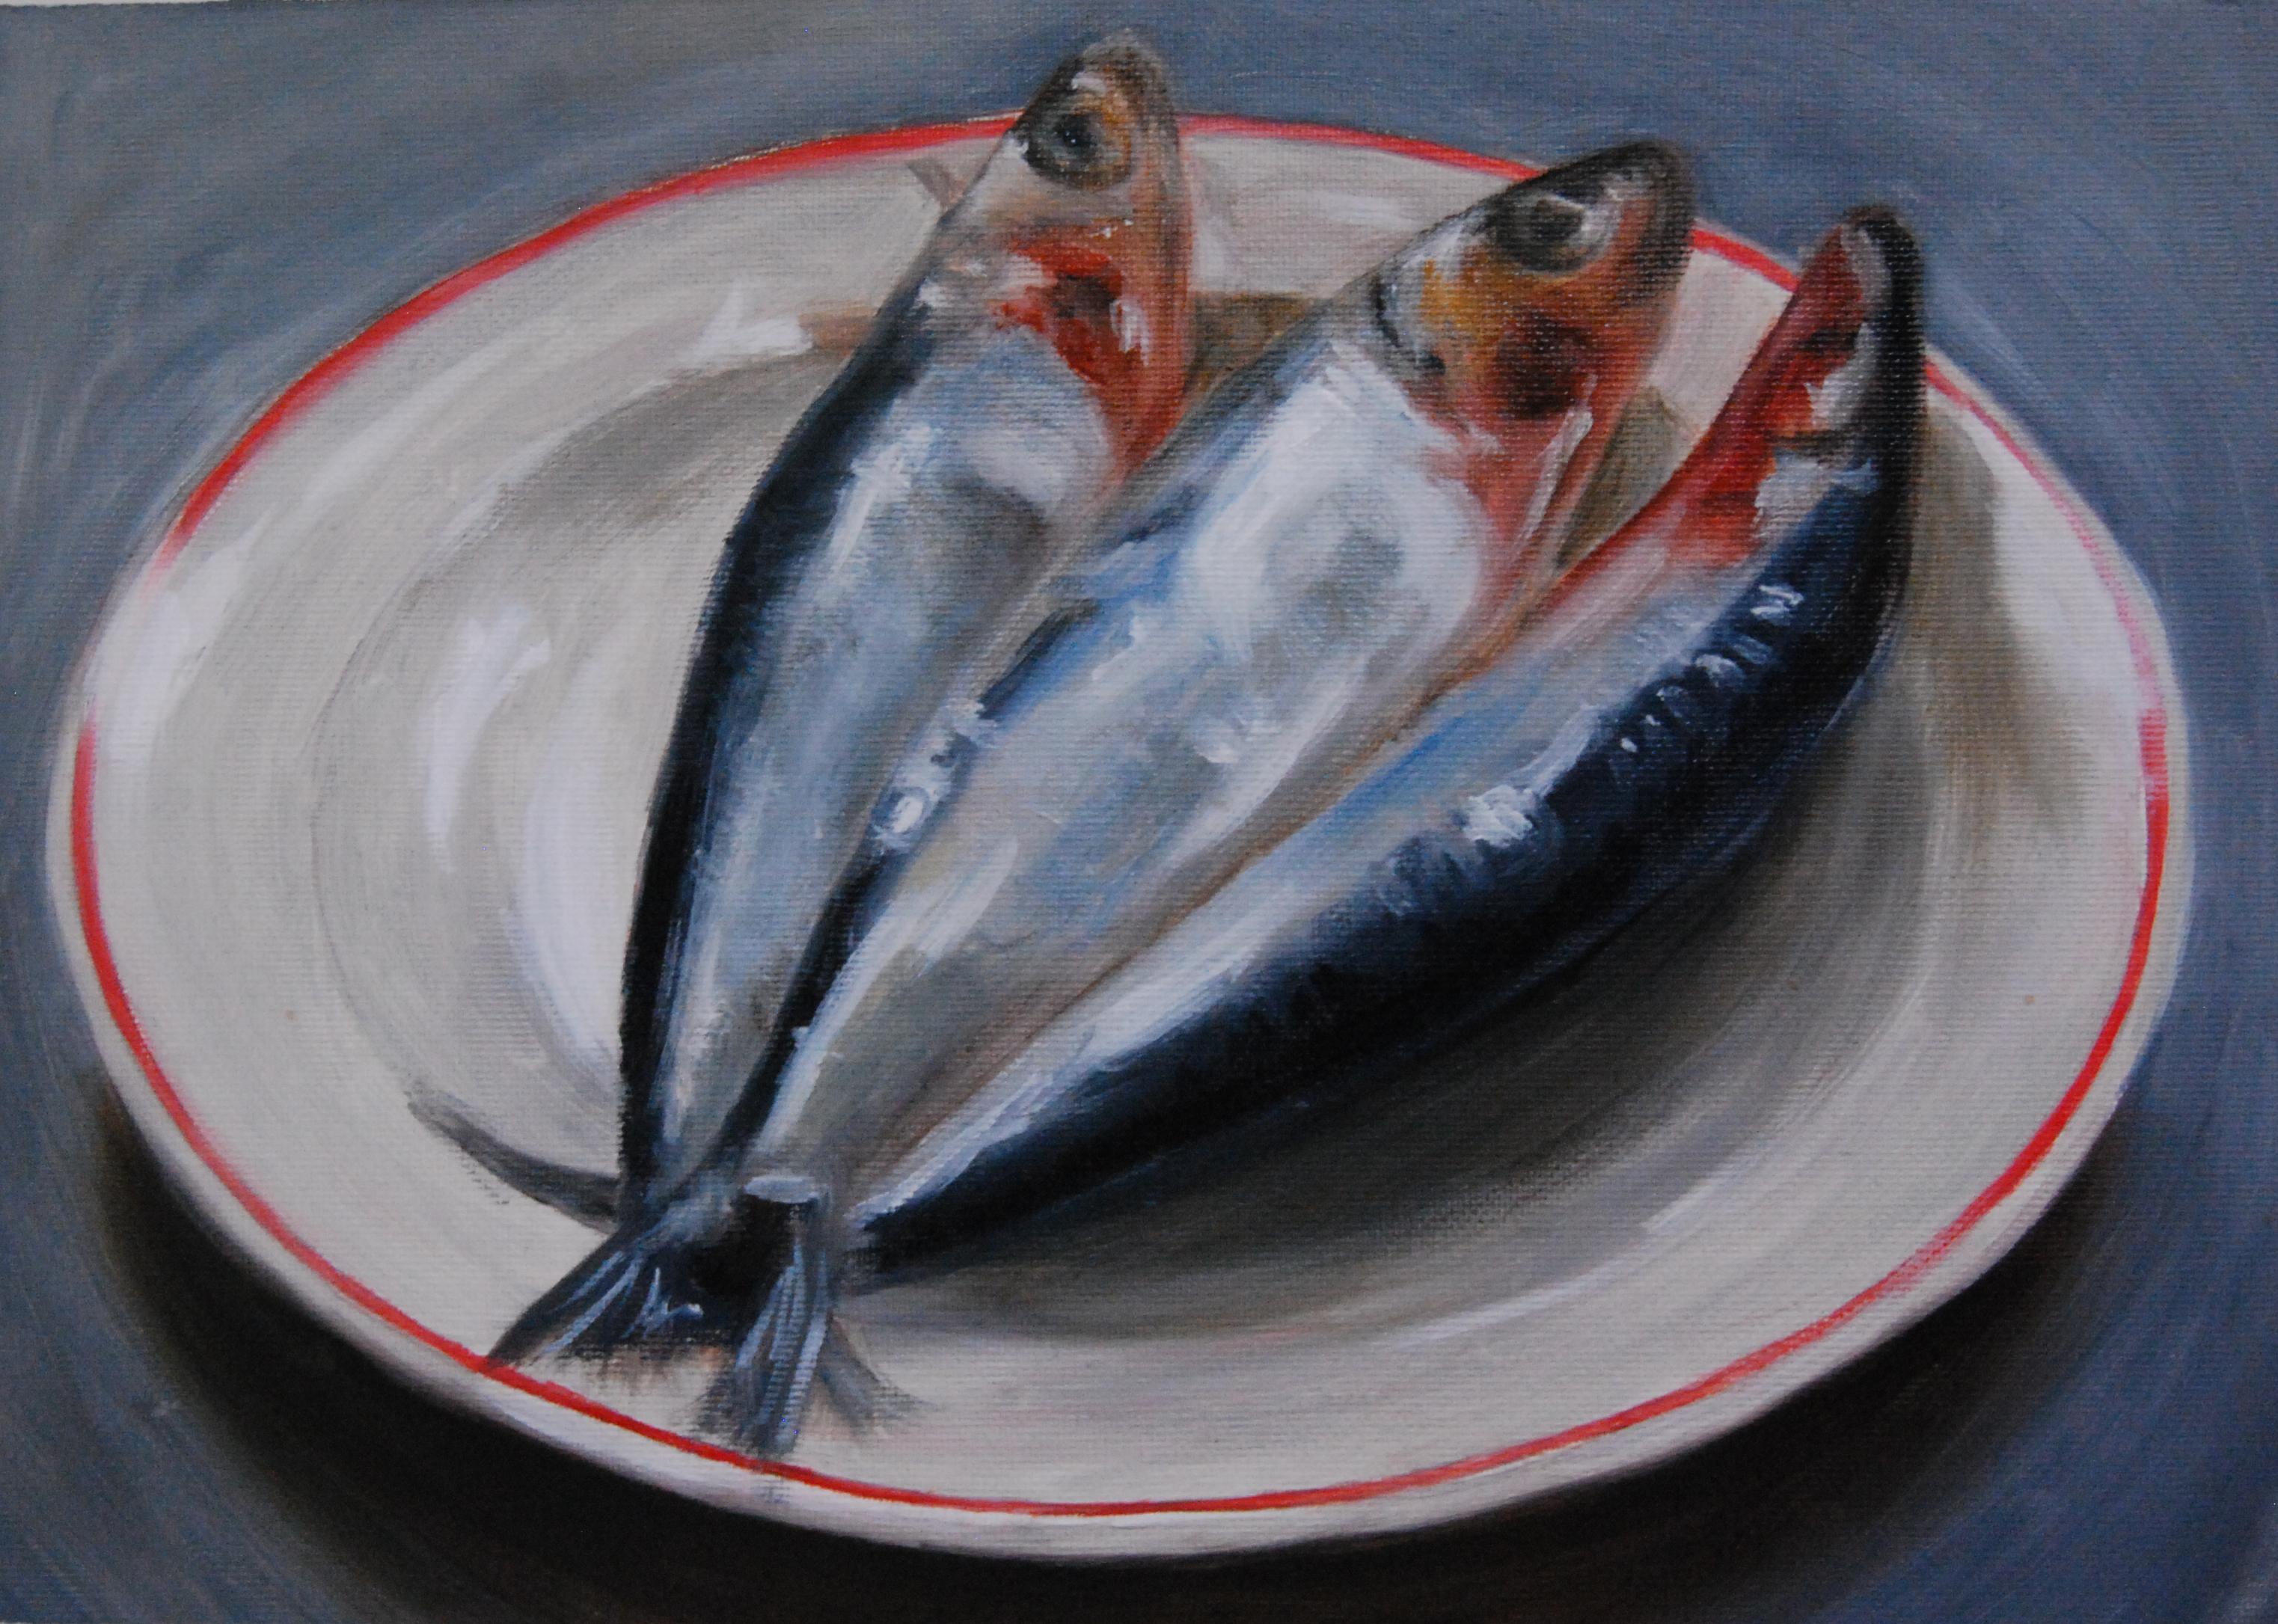 Sardines on plate